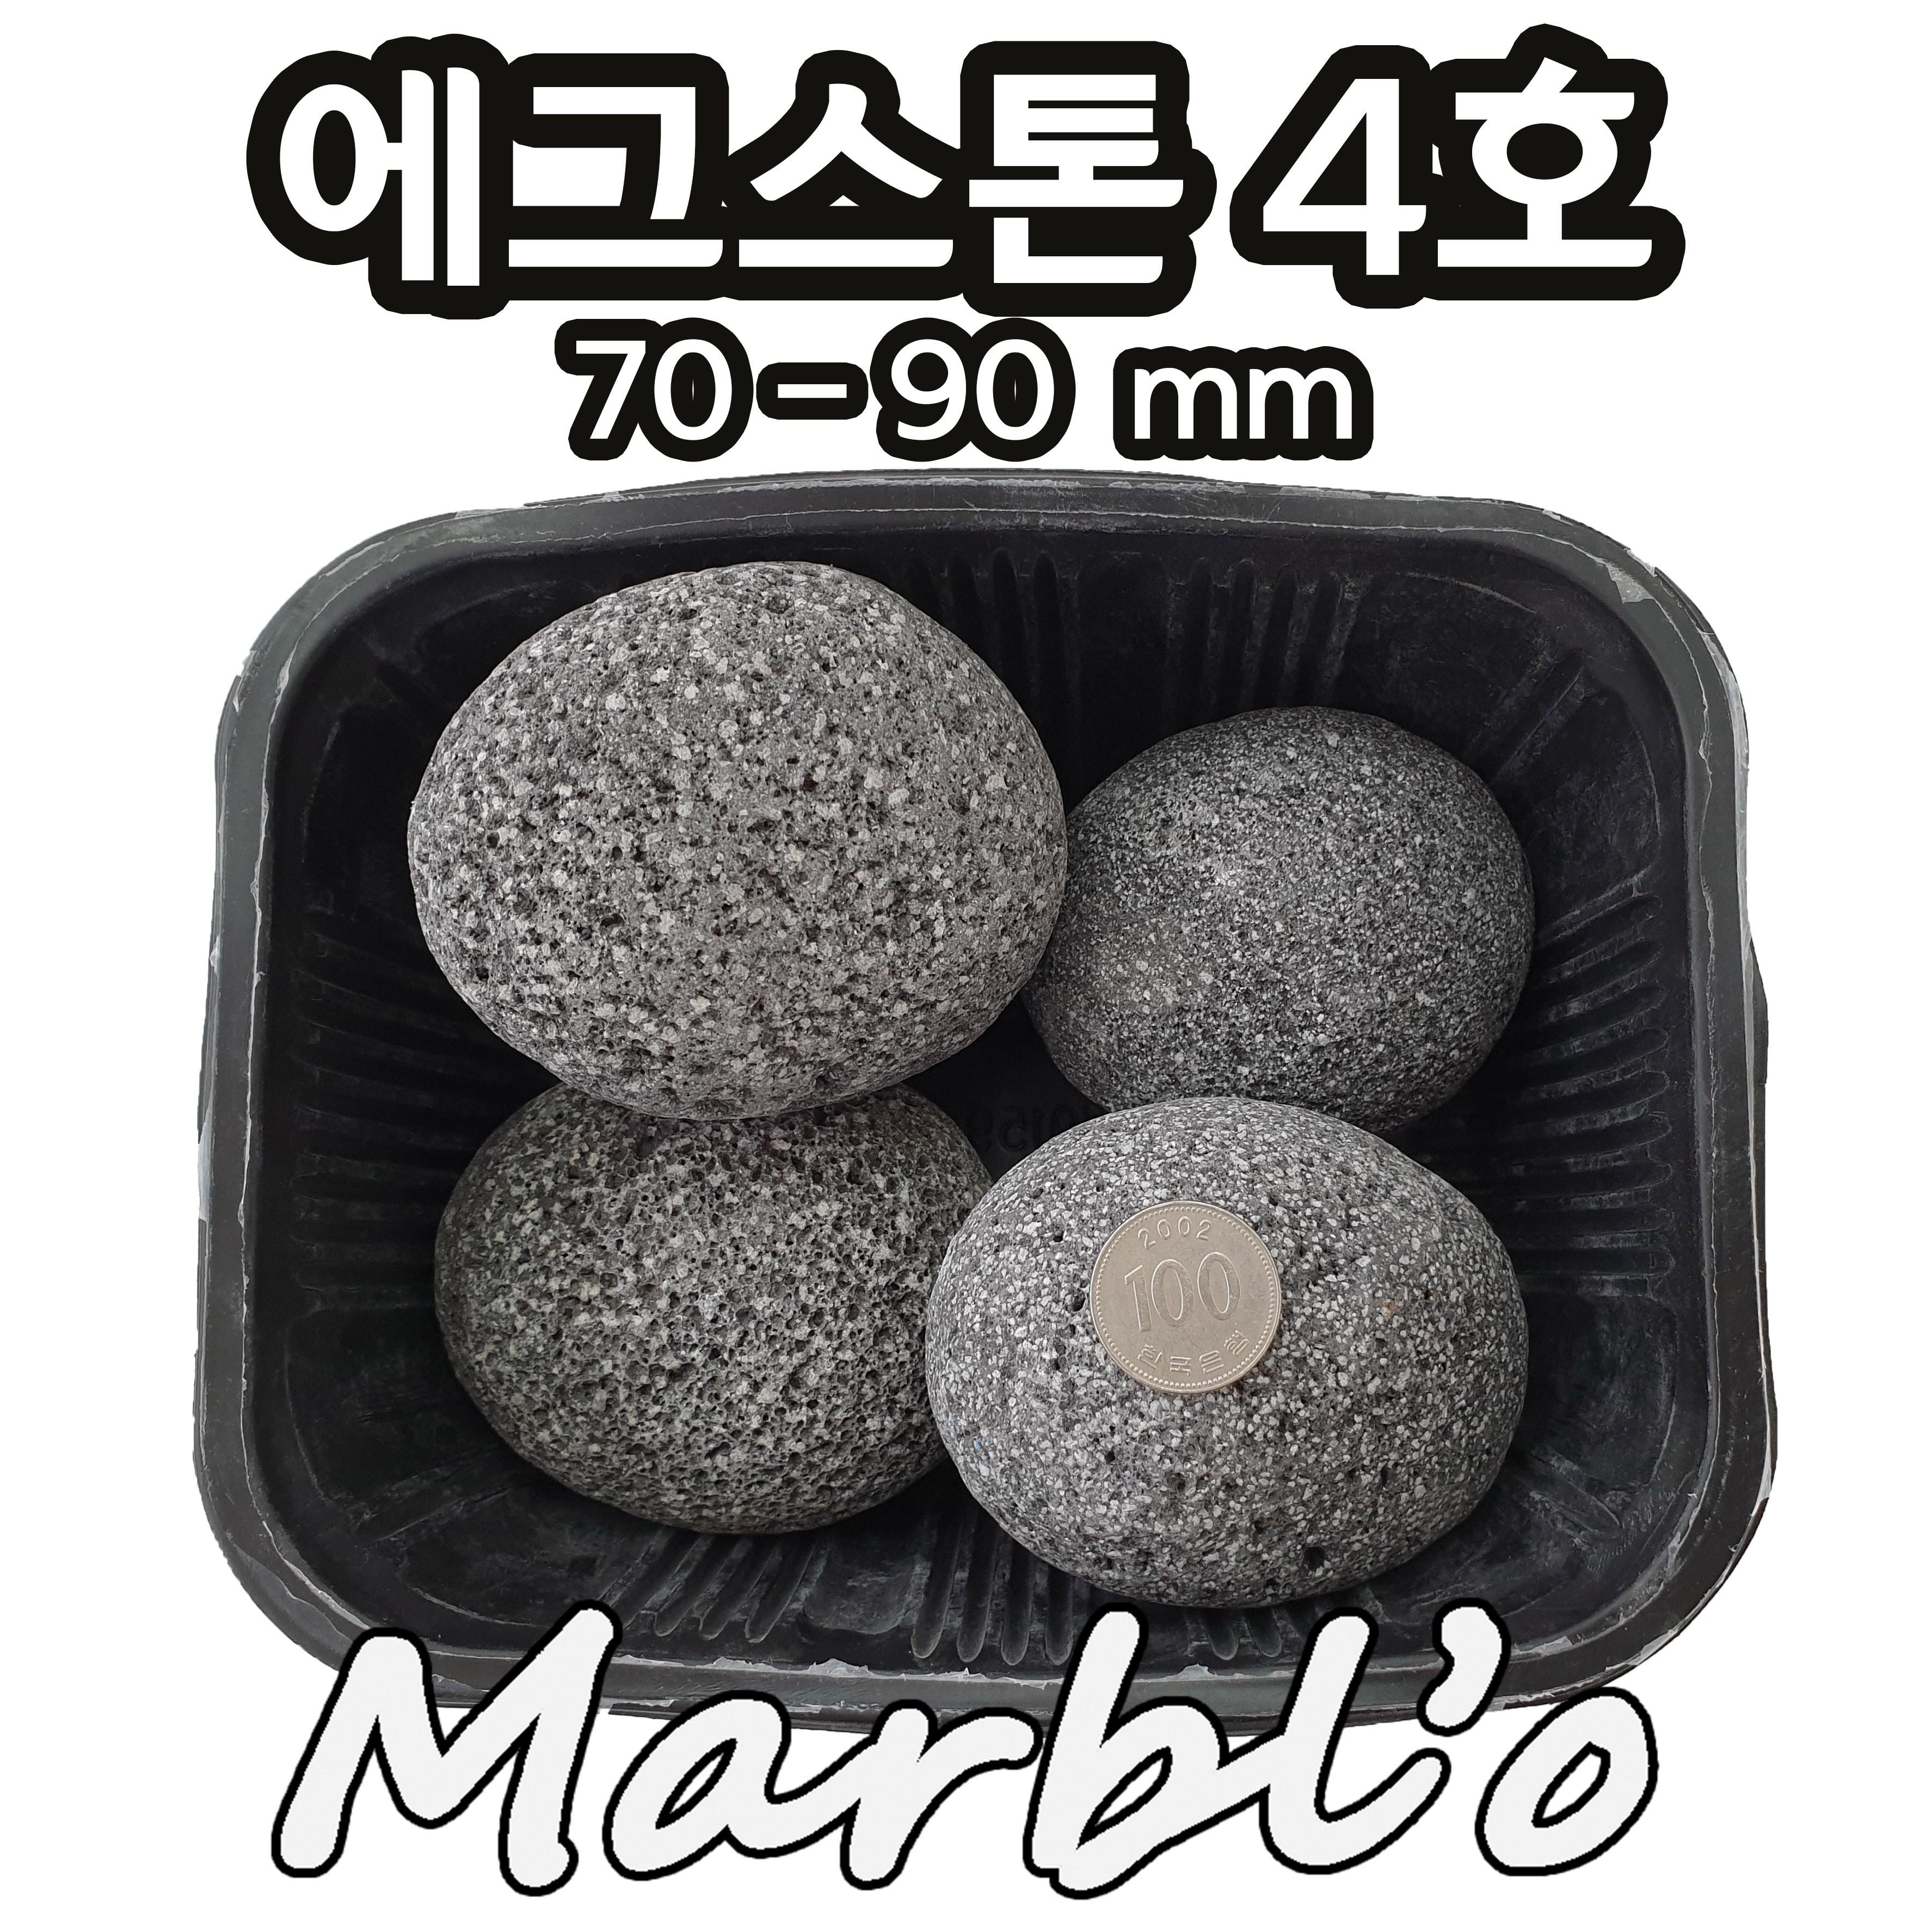 [마블로] 현무암 에그스톤 자갈, 4호 (70-90mm) 2kg